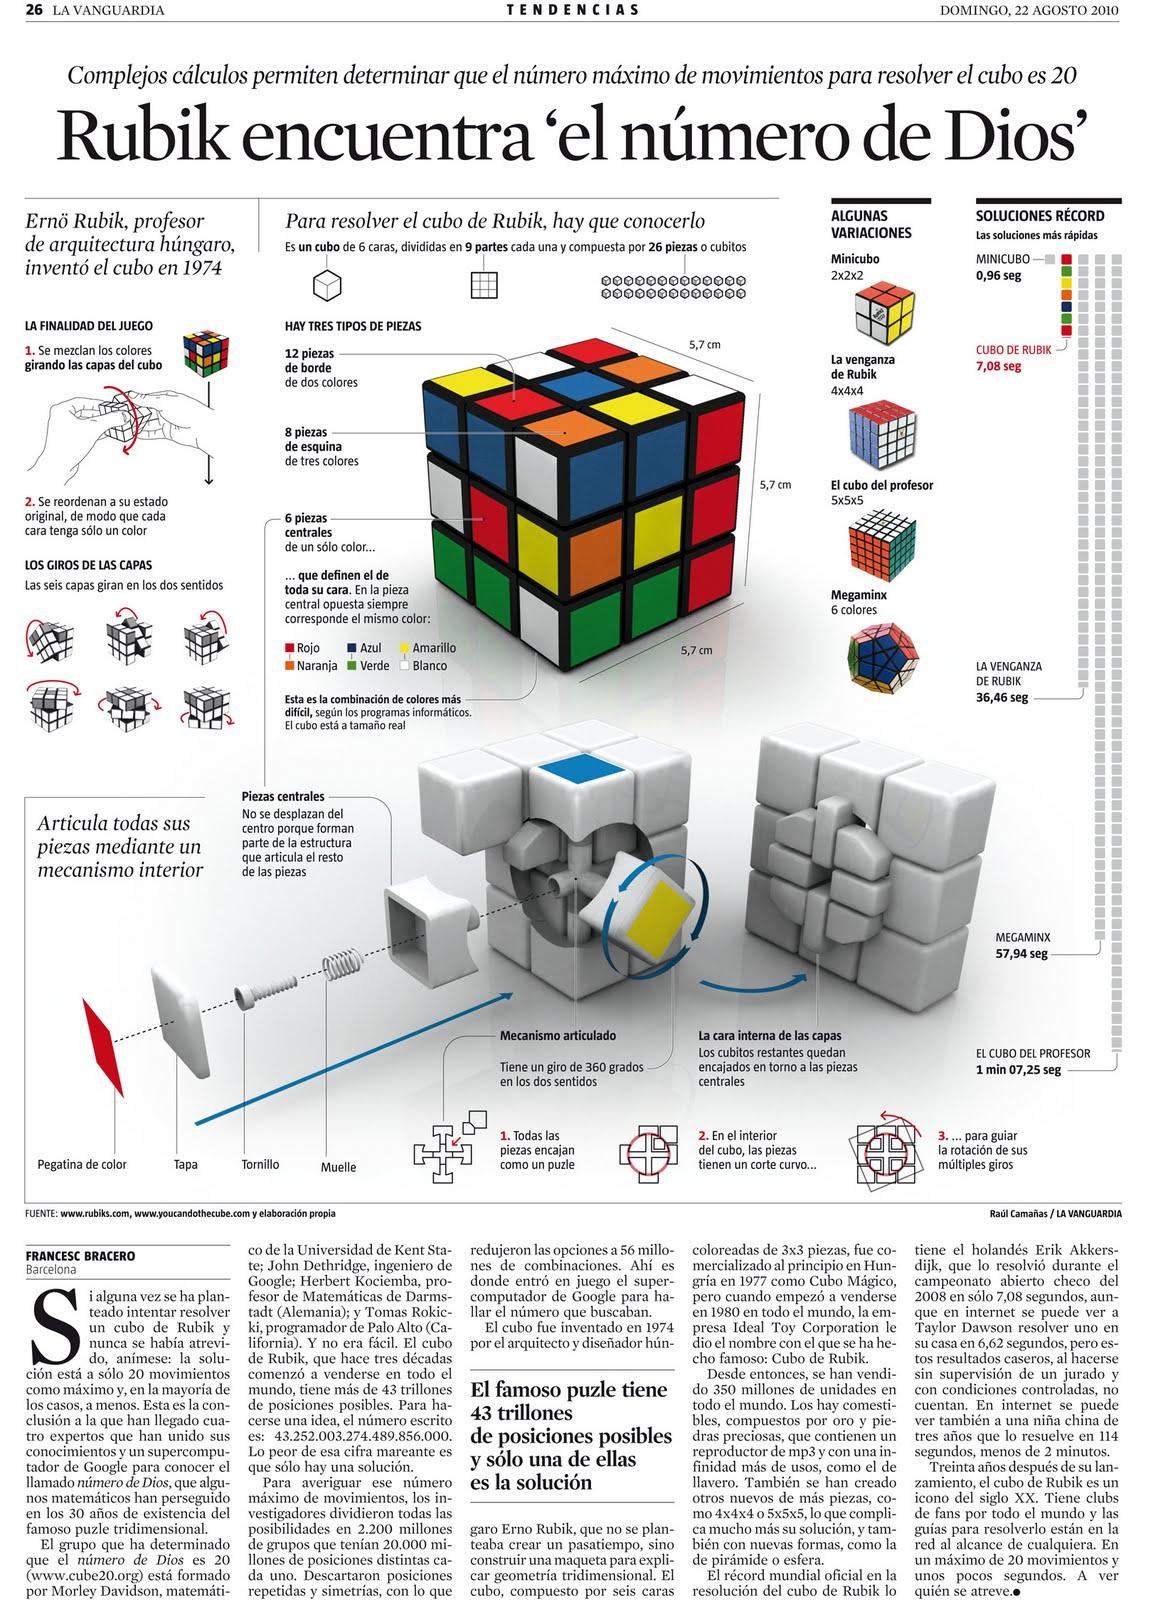 Curso de Diseño Gráfico: InDesign 14. Infografía sobre el cubo de Rubik.